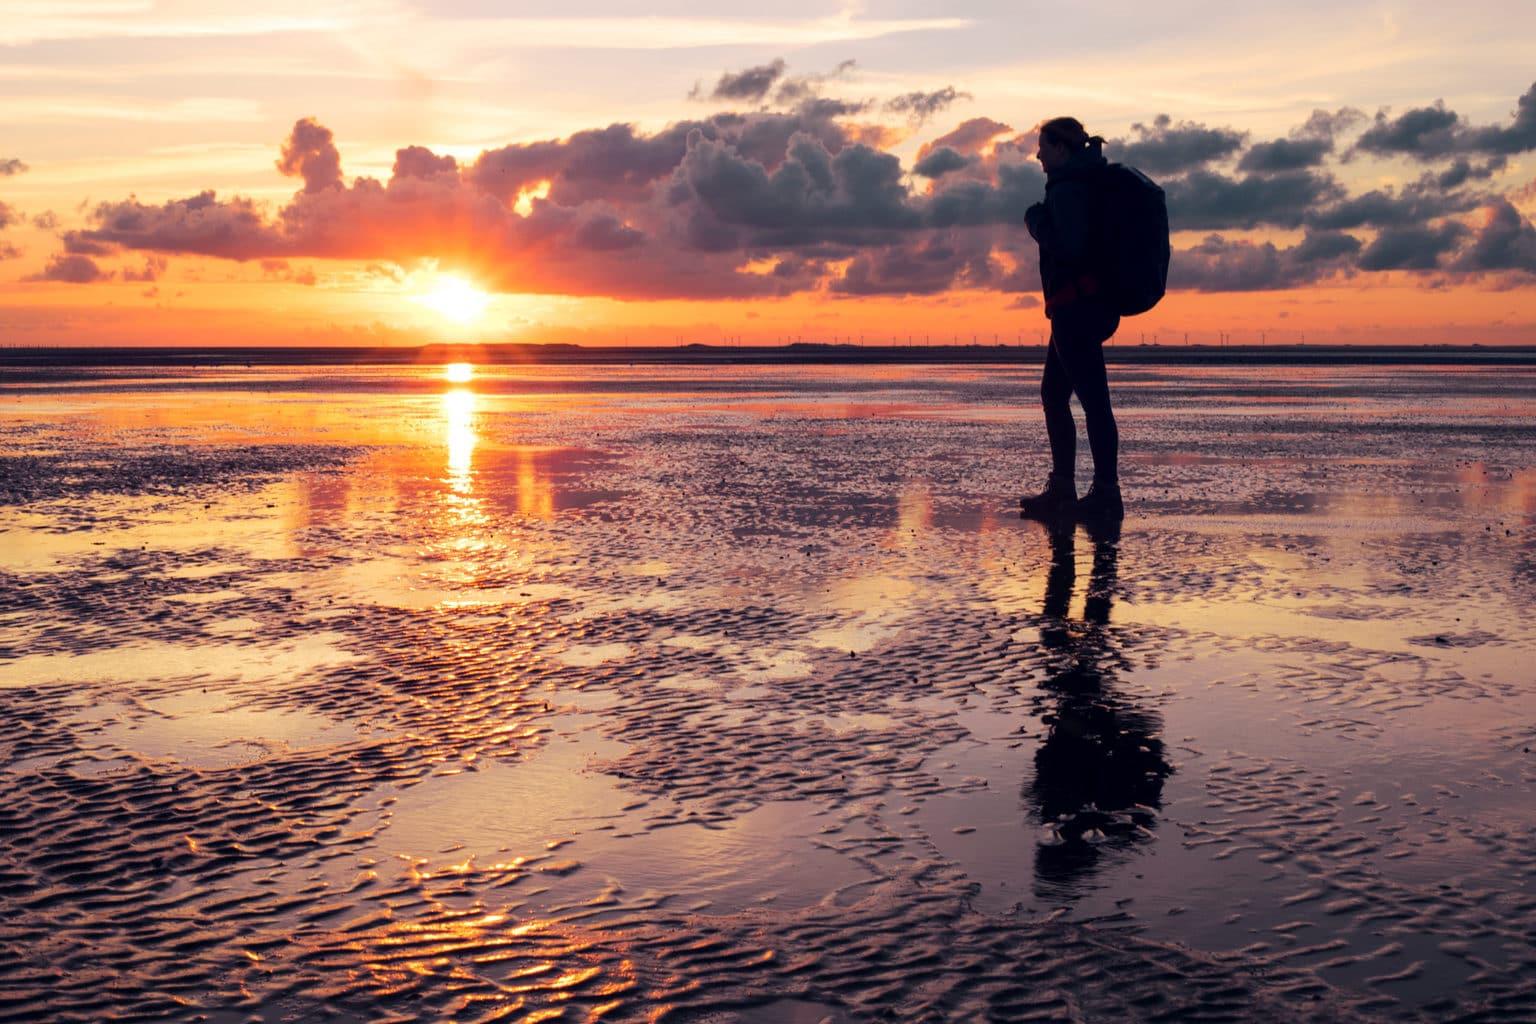 Wandelaar op het was op het Duits eiland Borkum tijdens zonsondergang